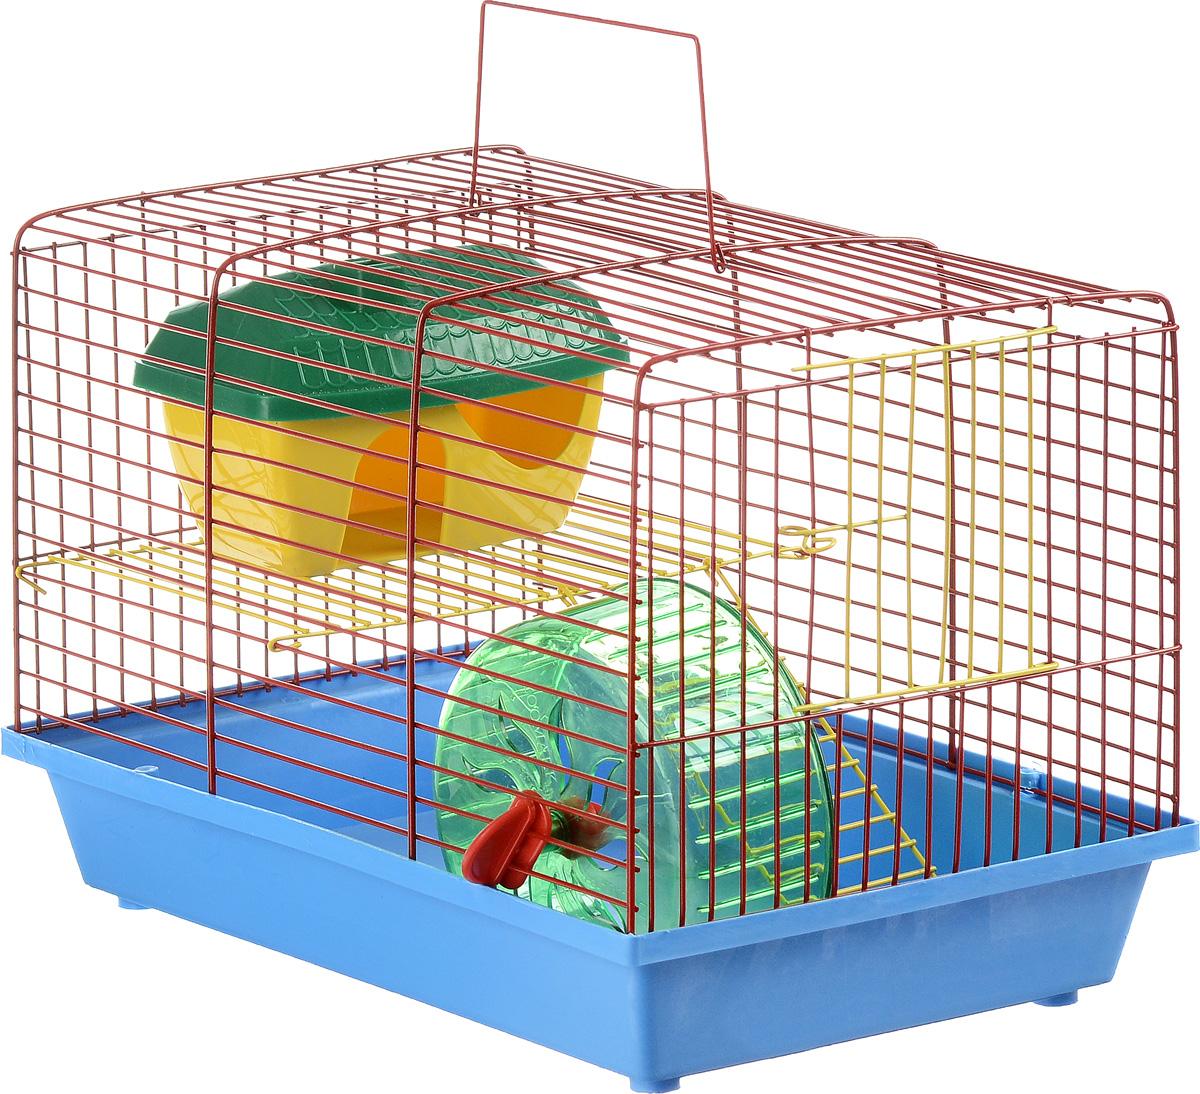 Клетка для грызунов ЗооМарк, 2-этажная, цвет: голубой поддон, красная решетка, желтый этаж, 36 х 22 х 24 см0120710Клетка ЗооМарк, выполненная из полипропилена и металла, подходит для мелких грызунов. Изделие двухэтажное, оборудовано колесом для подвижных игр и пластиковым домиком. Клетка имеет яркий поддон, удобна в использовании и легко чистится. Сверху имеется ручка для переноски, а сбоку удобная дверца. Такая клетка станет уединенным личным пространством и уютным домиком для маленького грызуна.